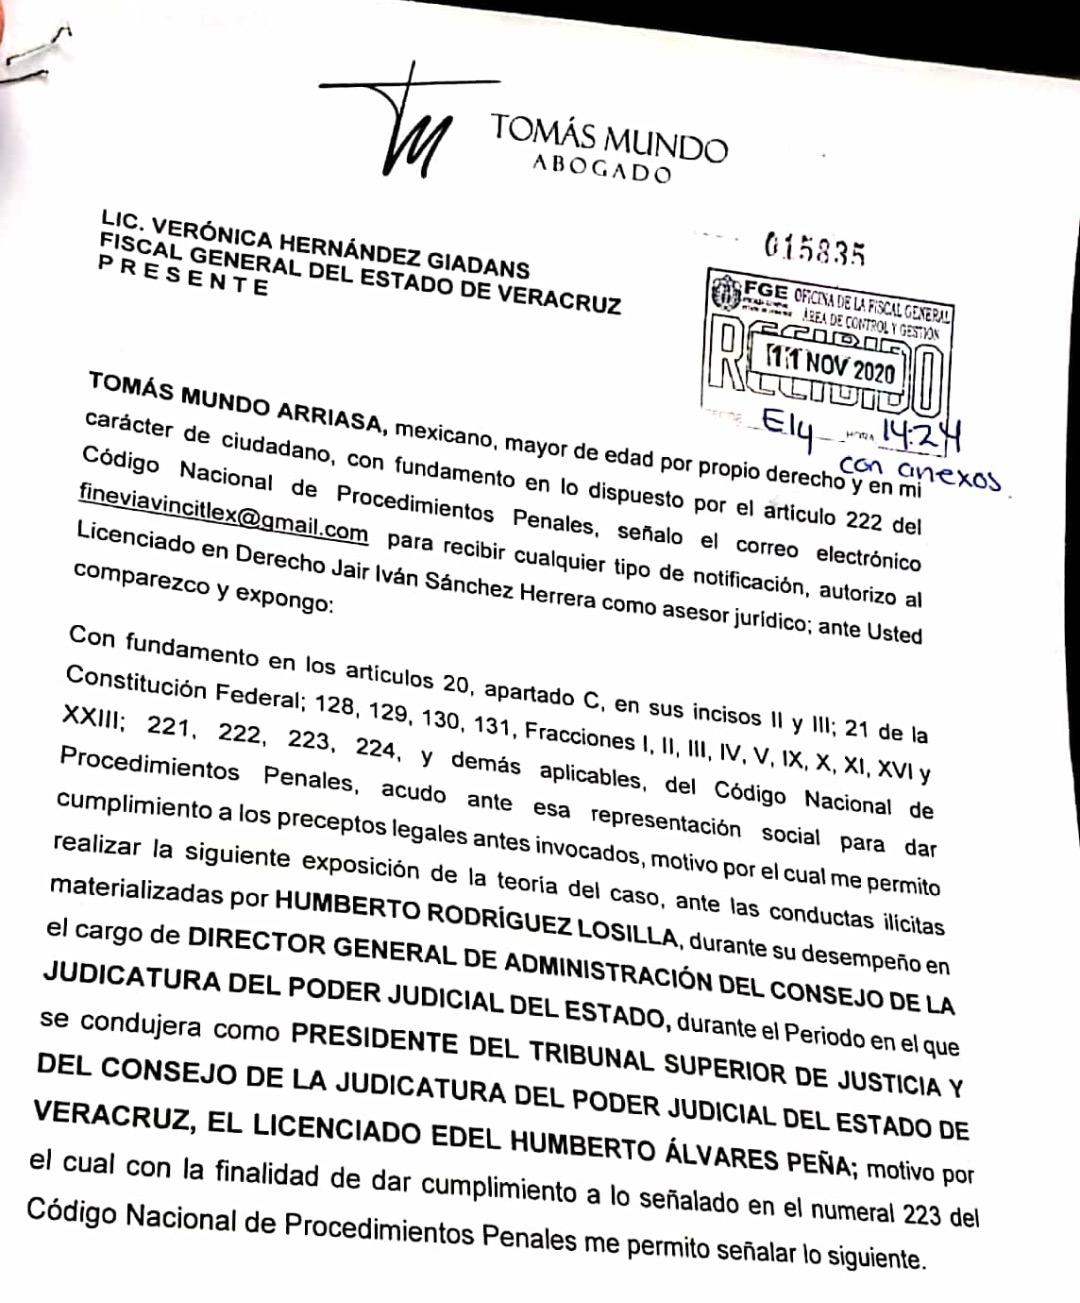 Denuncia Tomás Mundo irregularidades por 5 mil mdp en construcción de ciudades judiciales